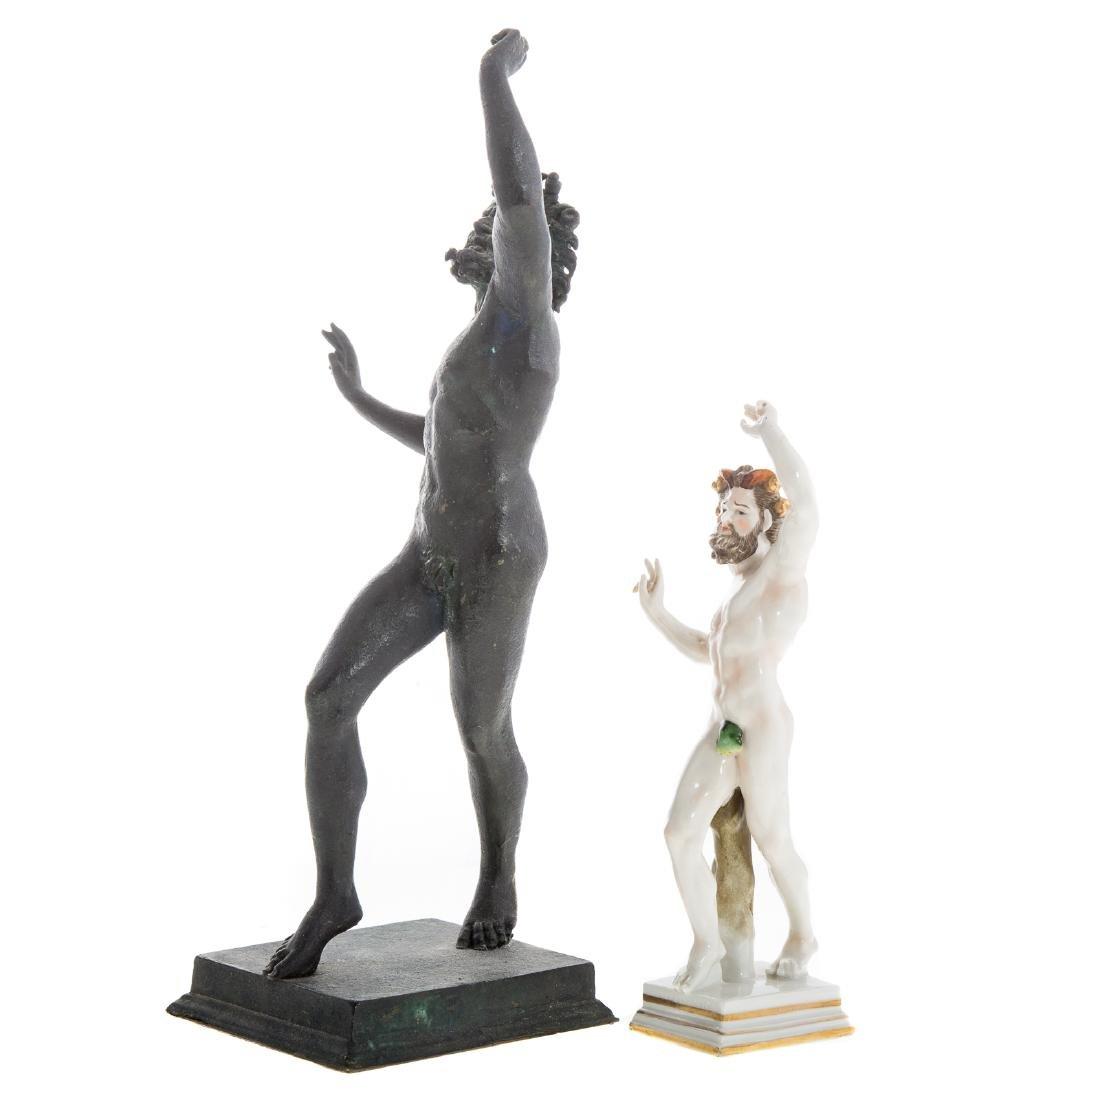 Italian Grande Tour bronze faun - 2